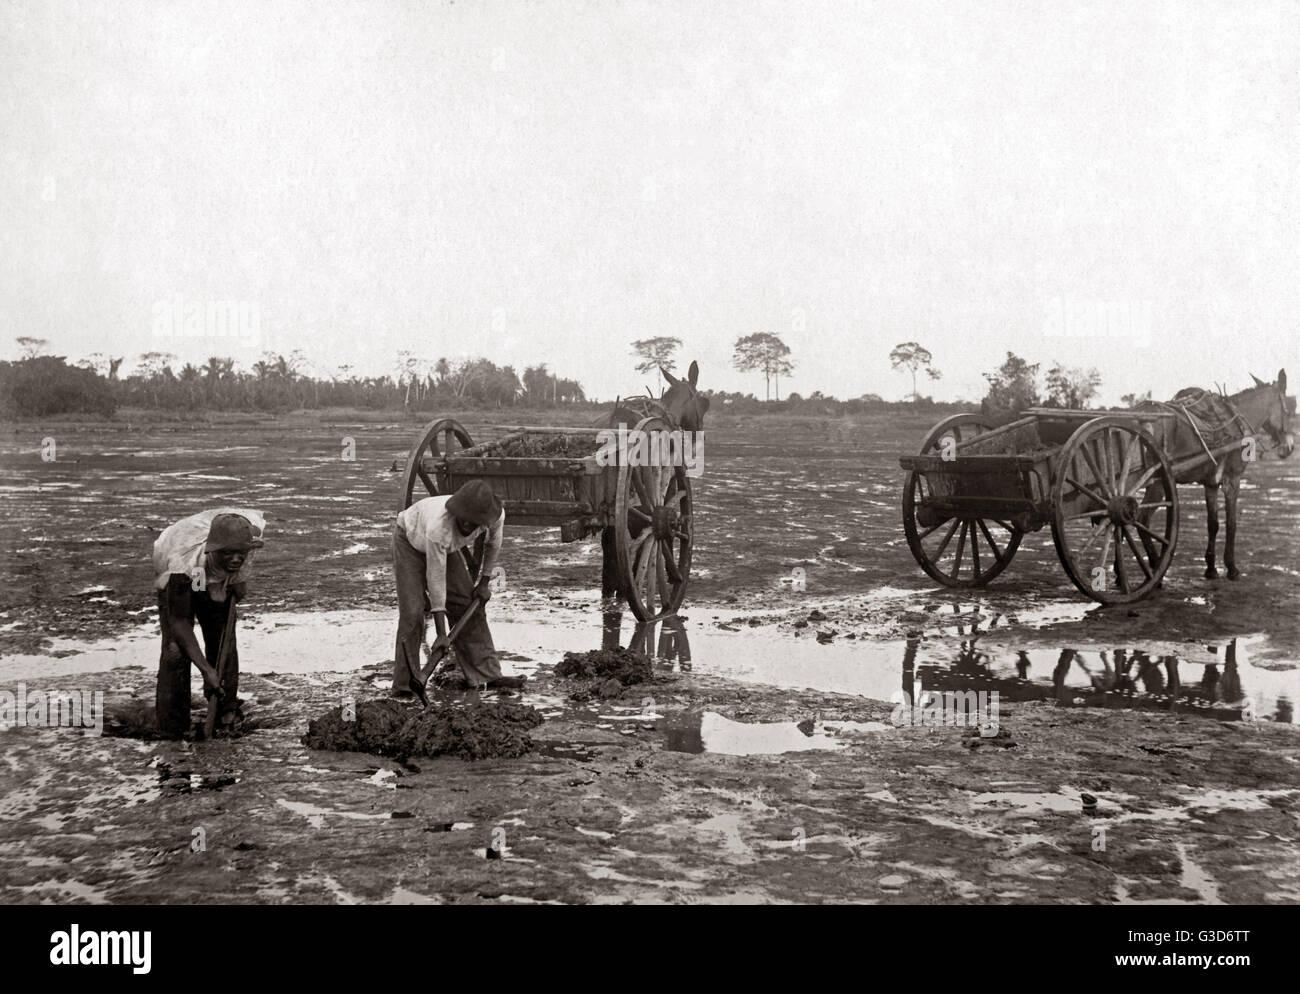 Digging pitch, La Brea, Trinidad, circa 1900.     Date: circa 1900 - Stock Image